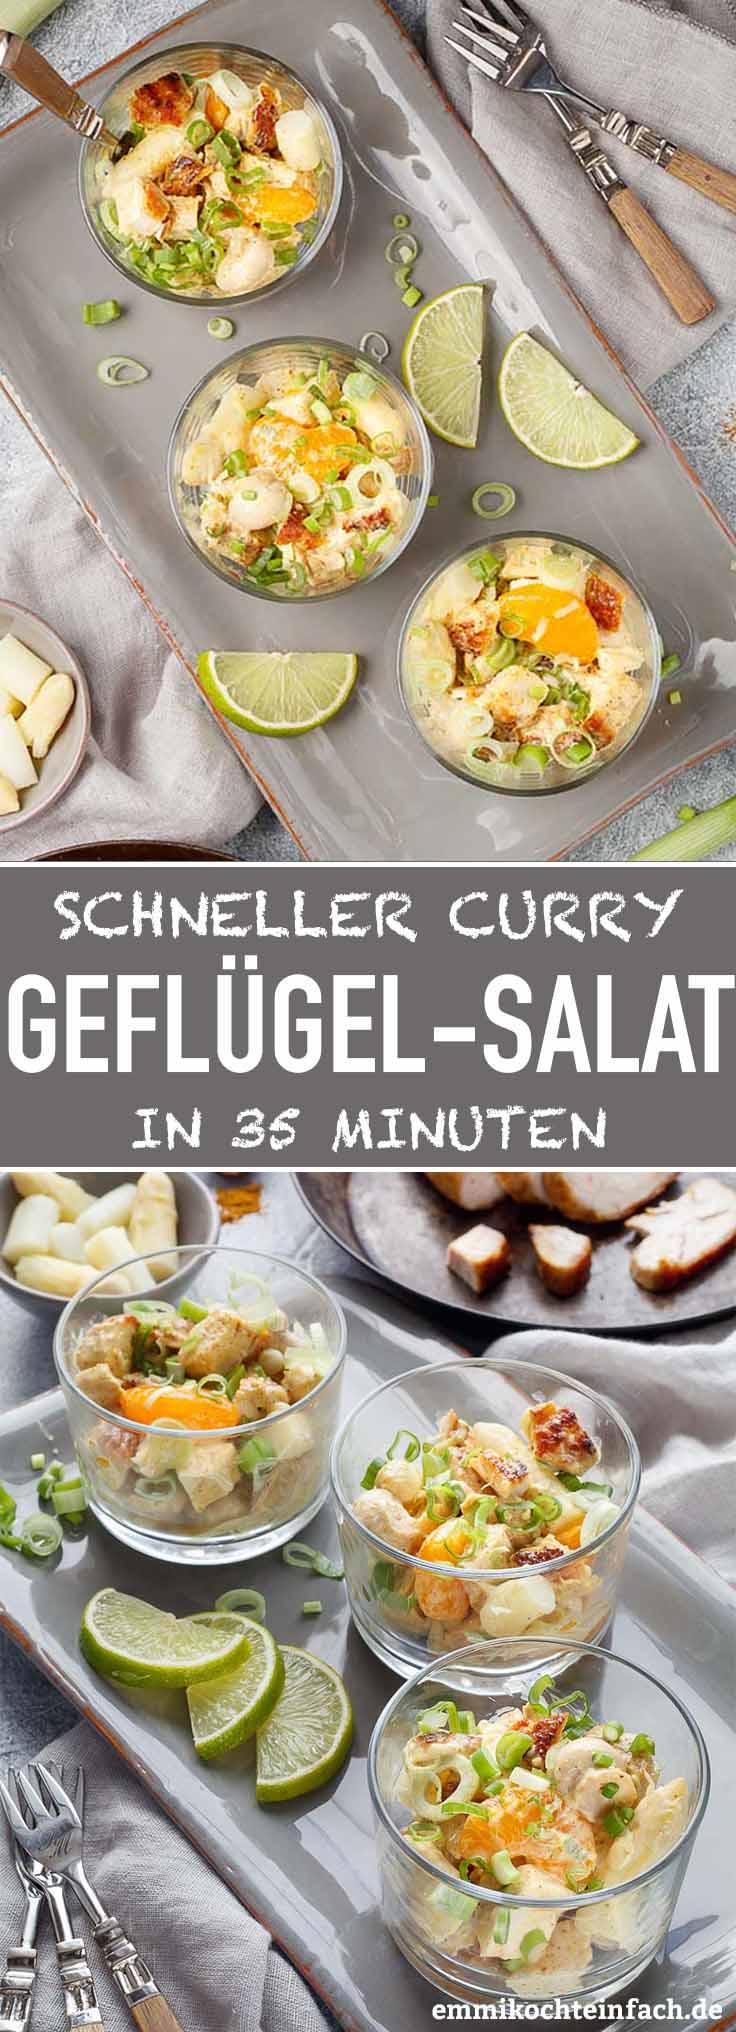 Klassischer Geflügel-Salat ganz einfach - www.emmikochteinfach.de